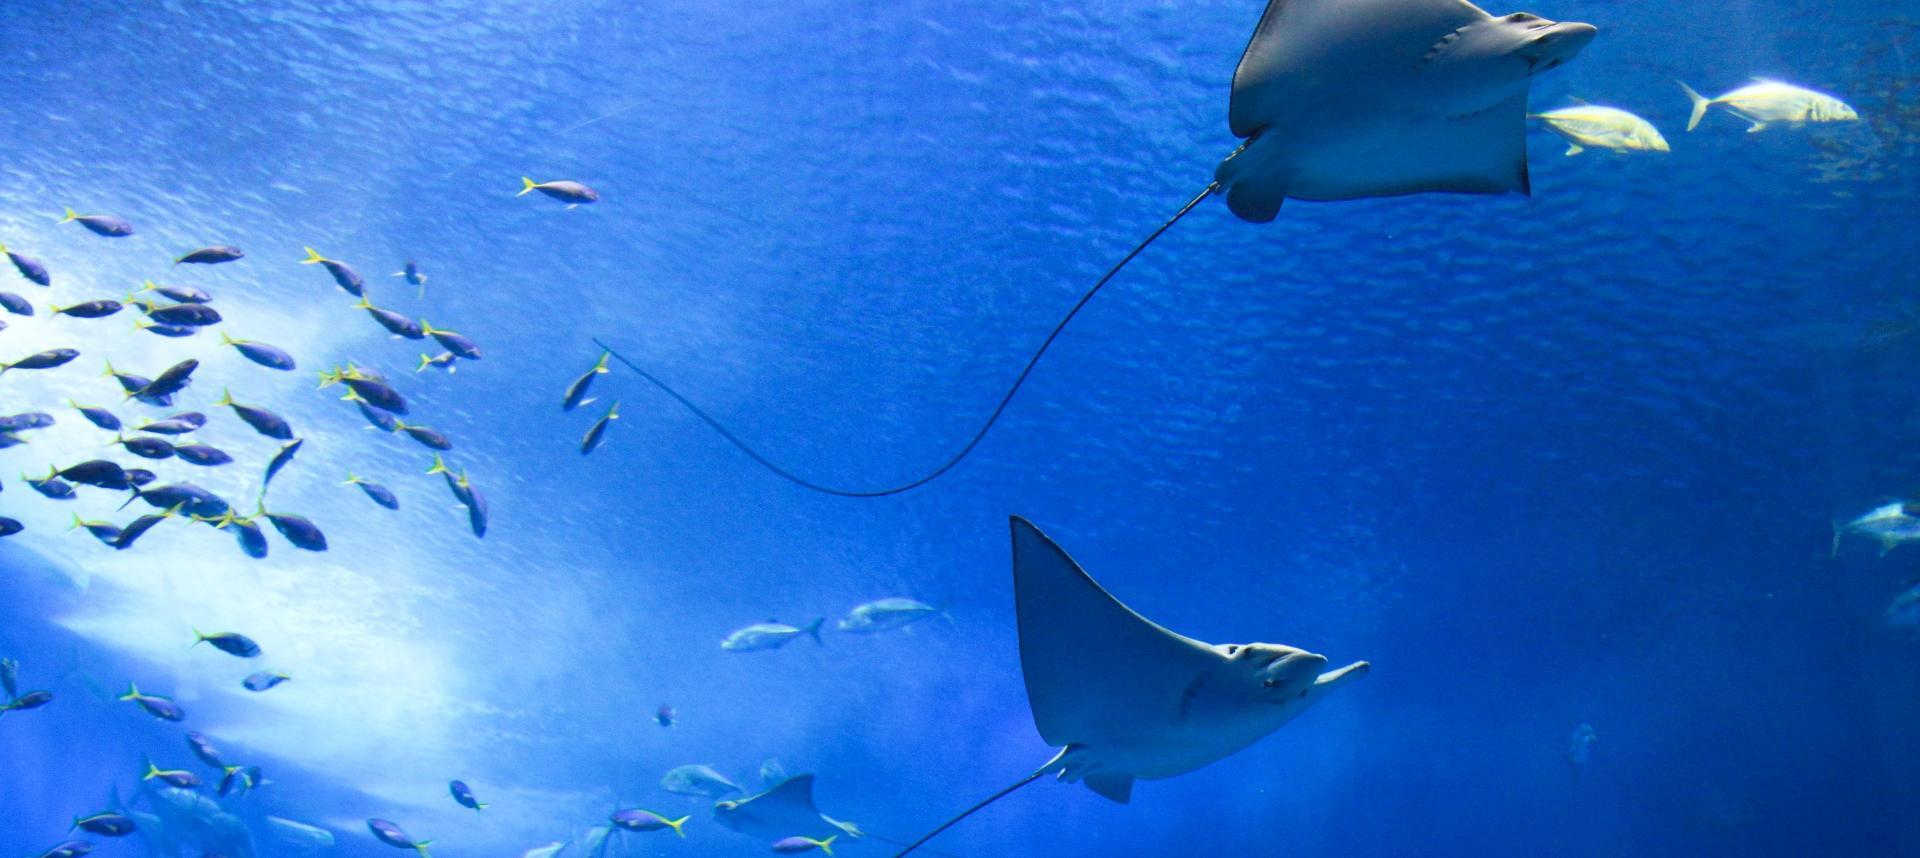 Ocean full of life, fish and manta ray